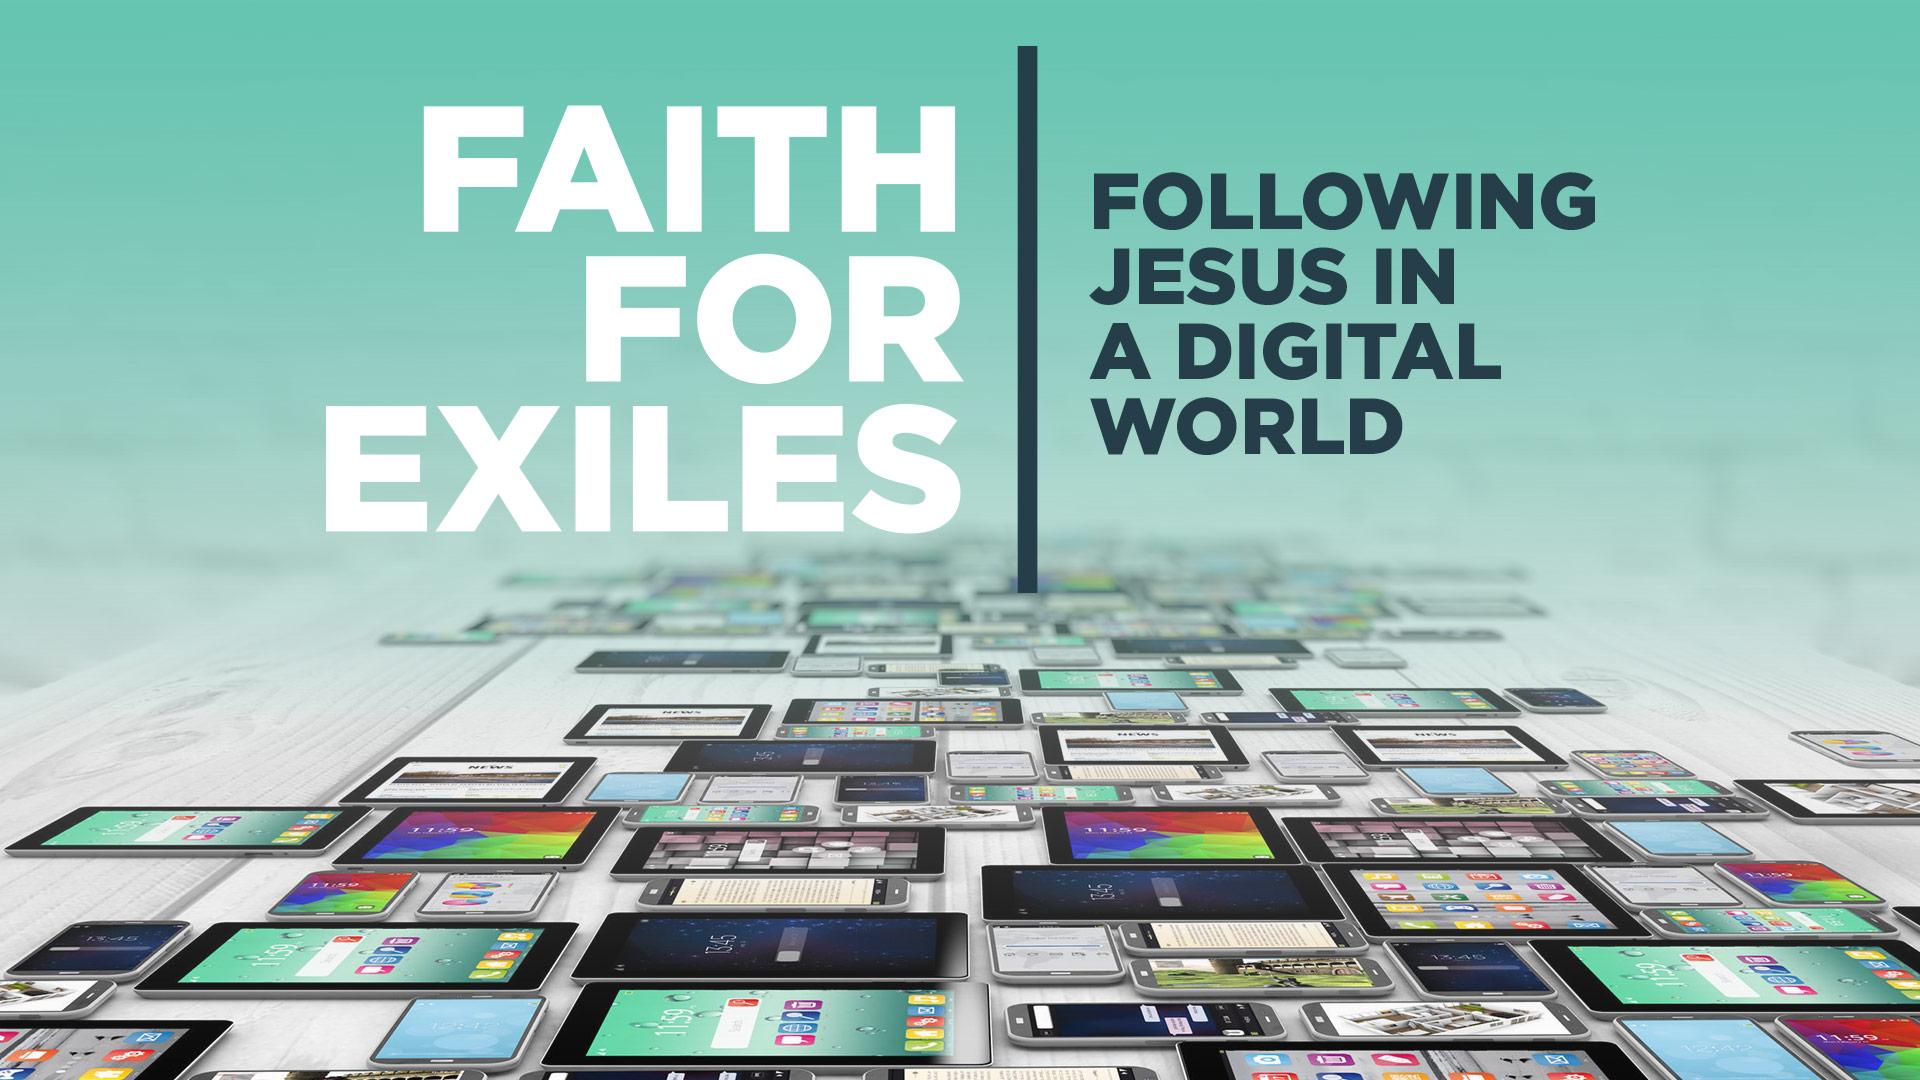 faith-for-exiles-brand